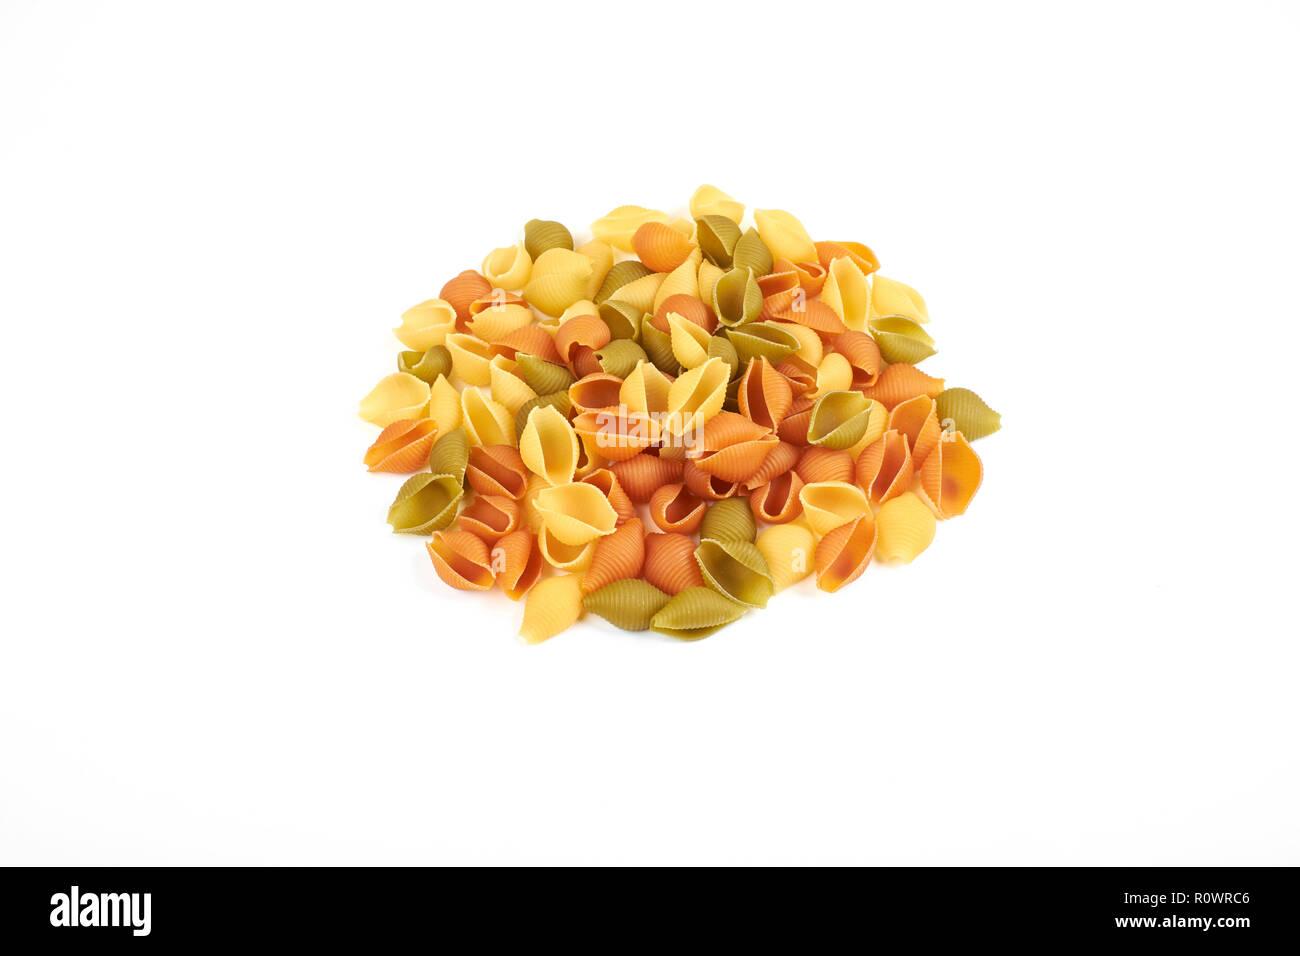 Shell Pasta auf weißem Hintergrund, Ansicht von oben. Stockfoto